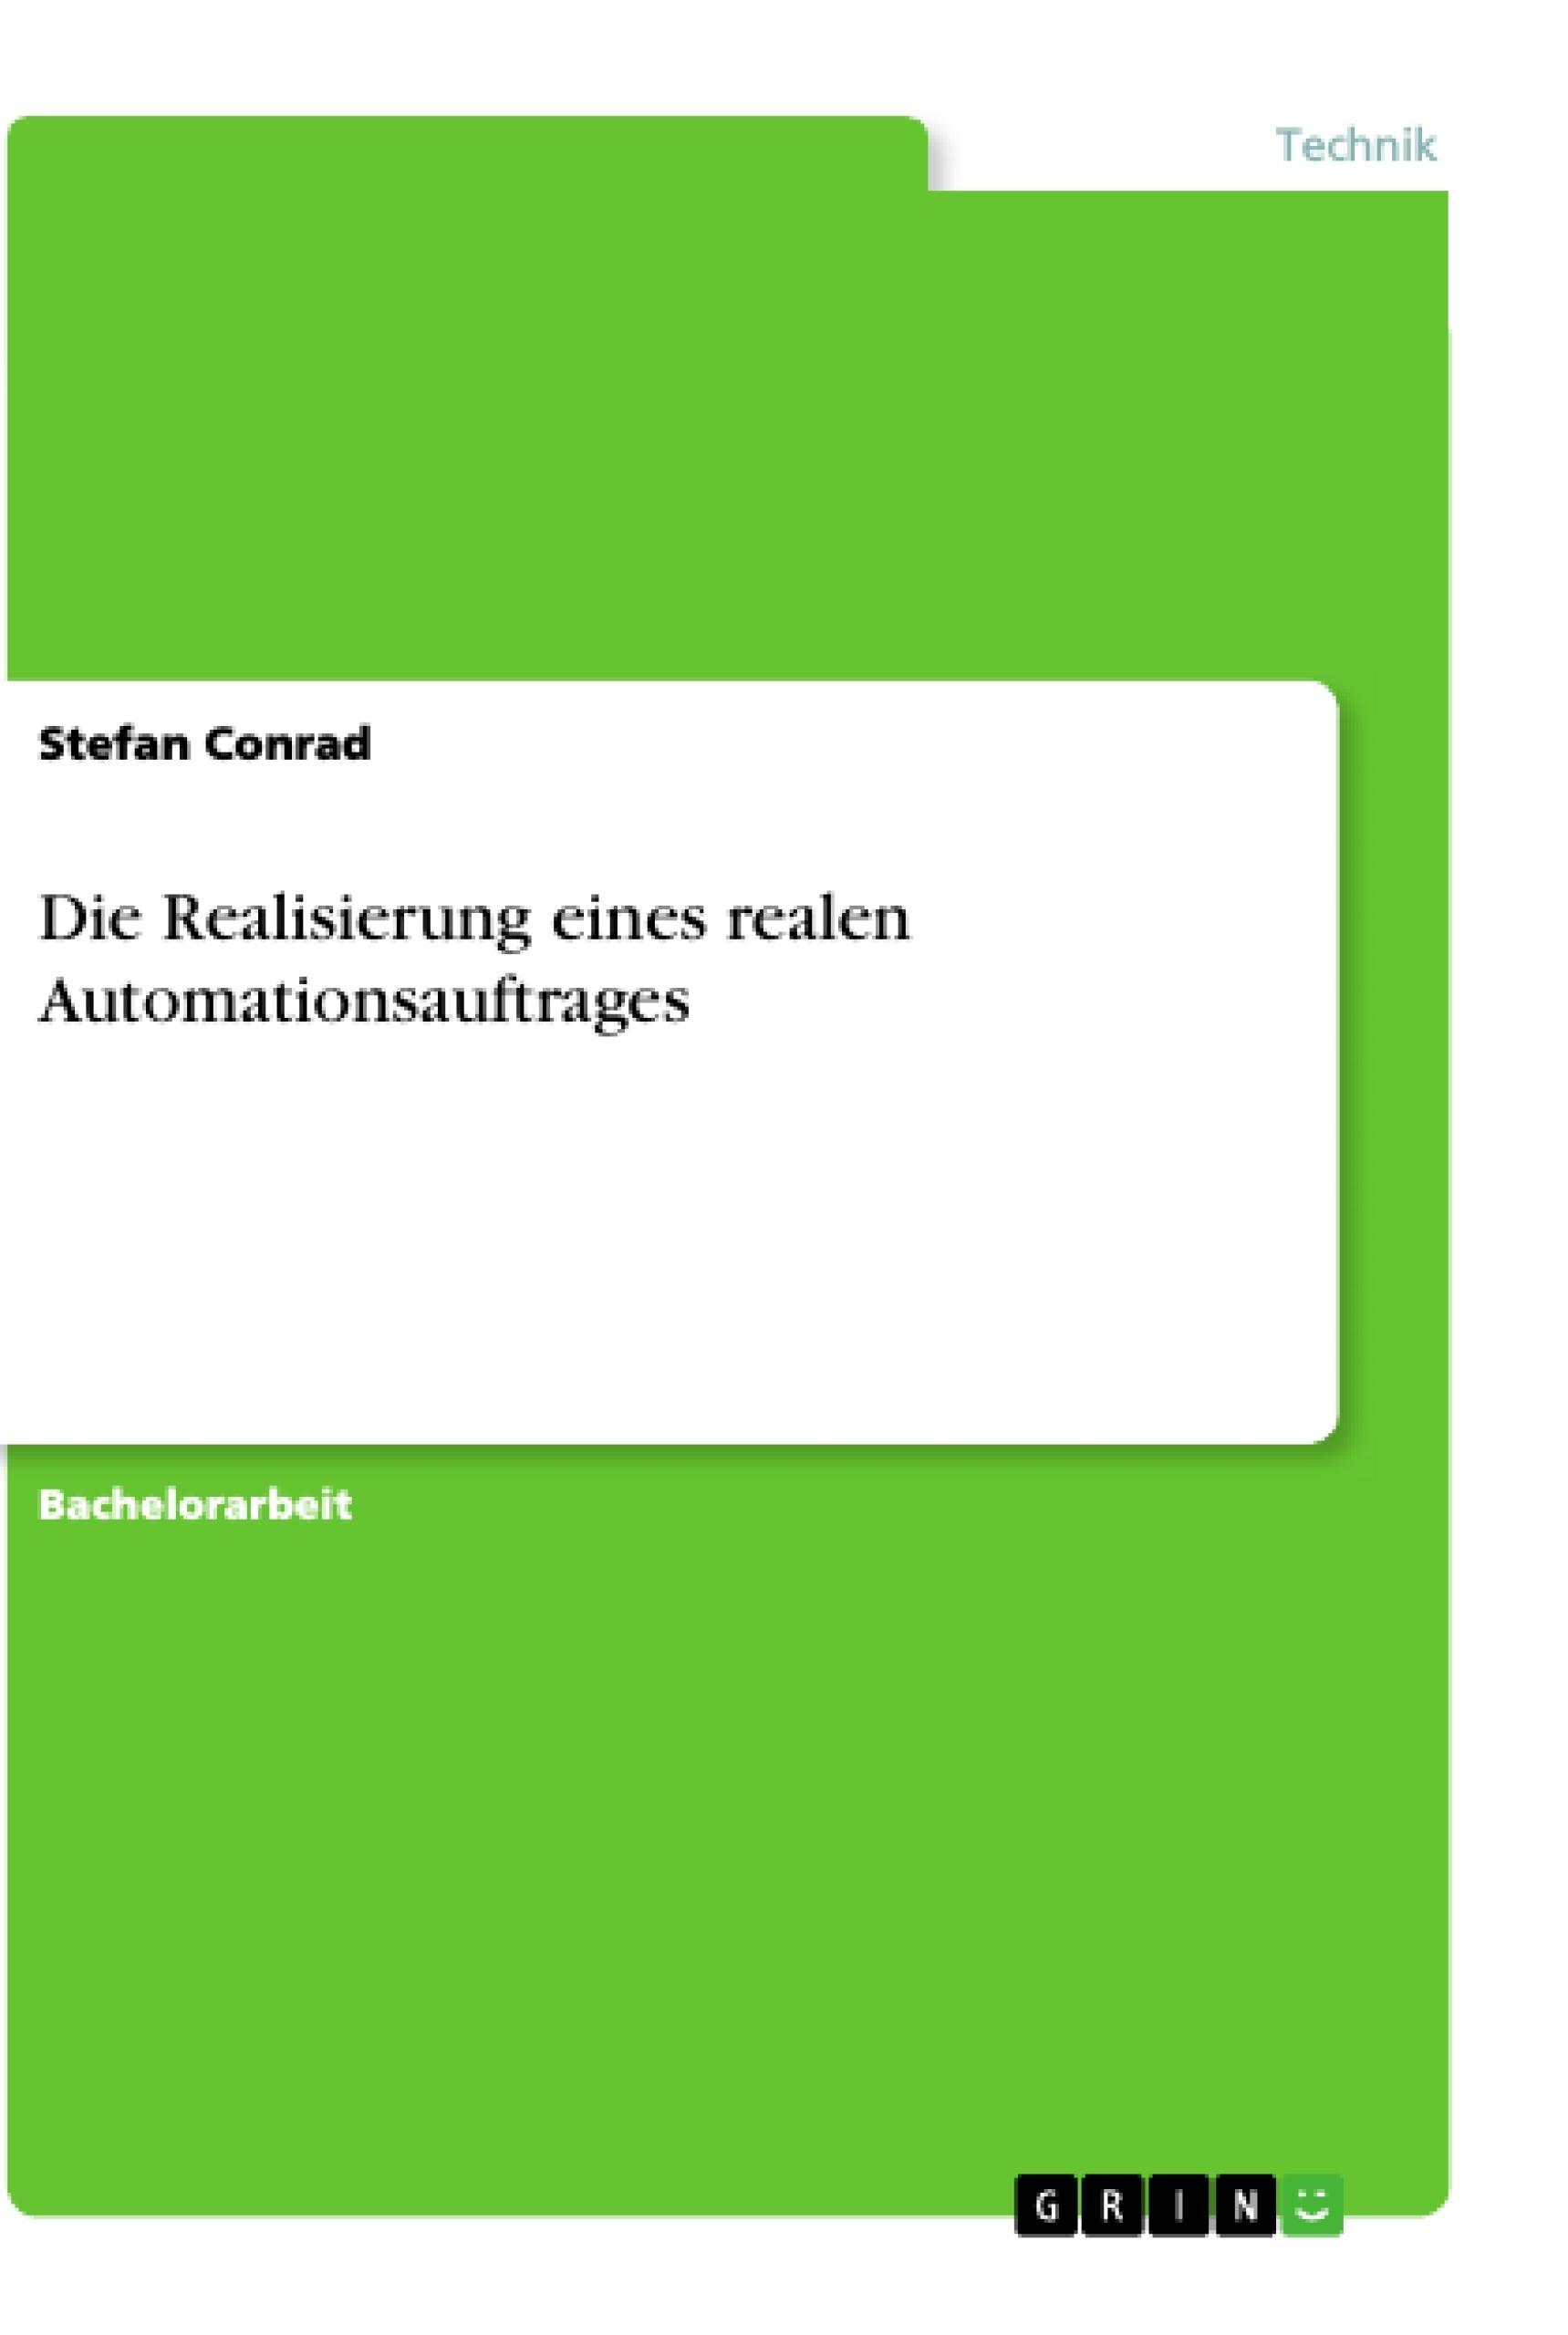 Titel: Die Realisierung eines realen Automationsauftrages